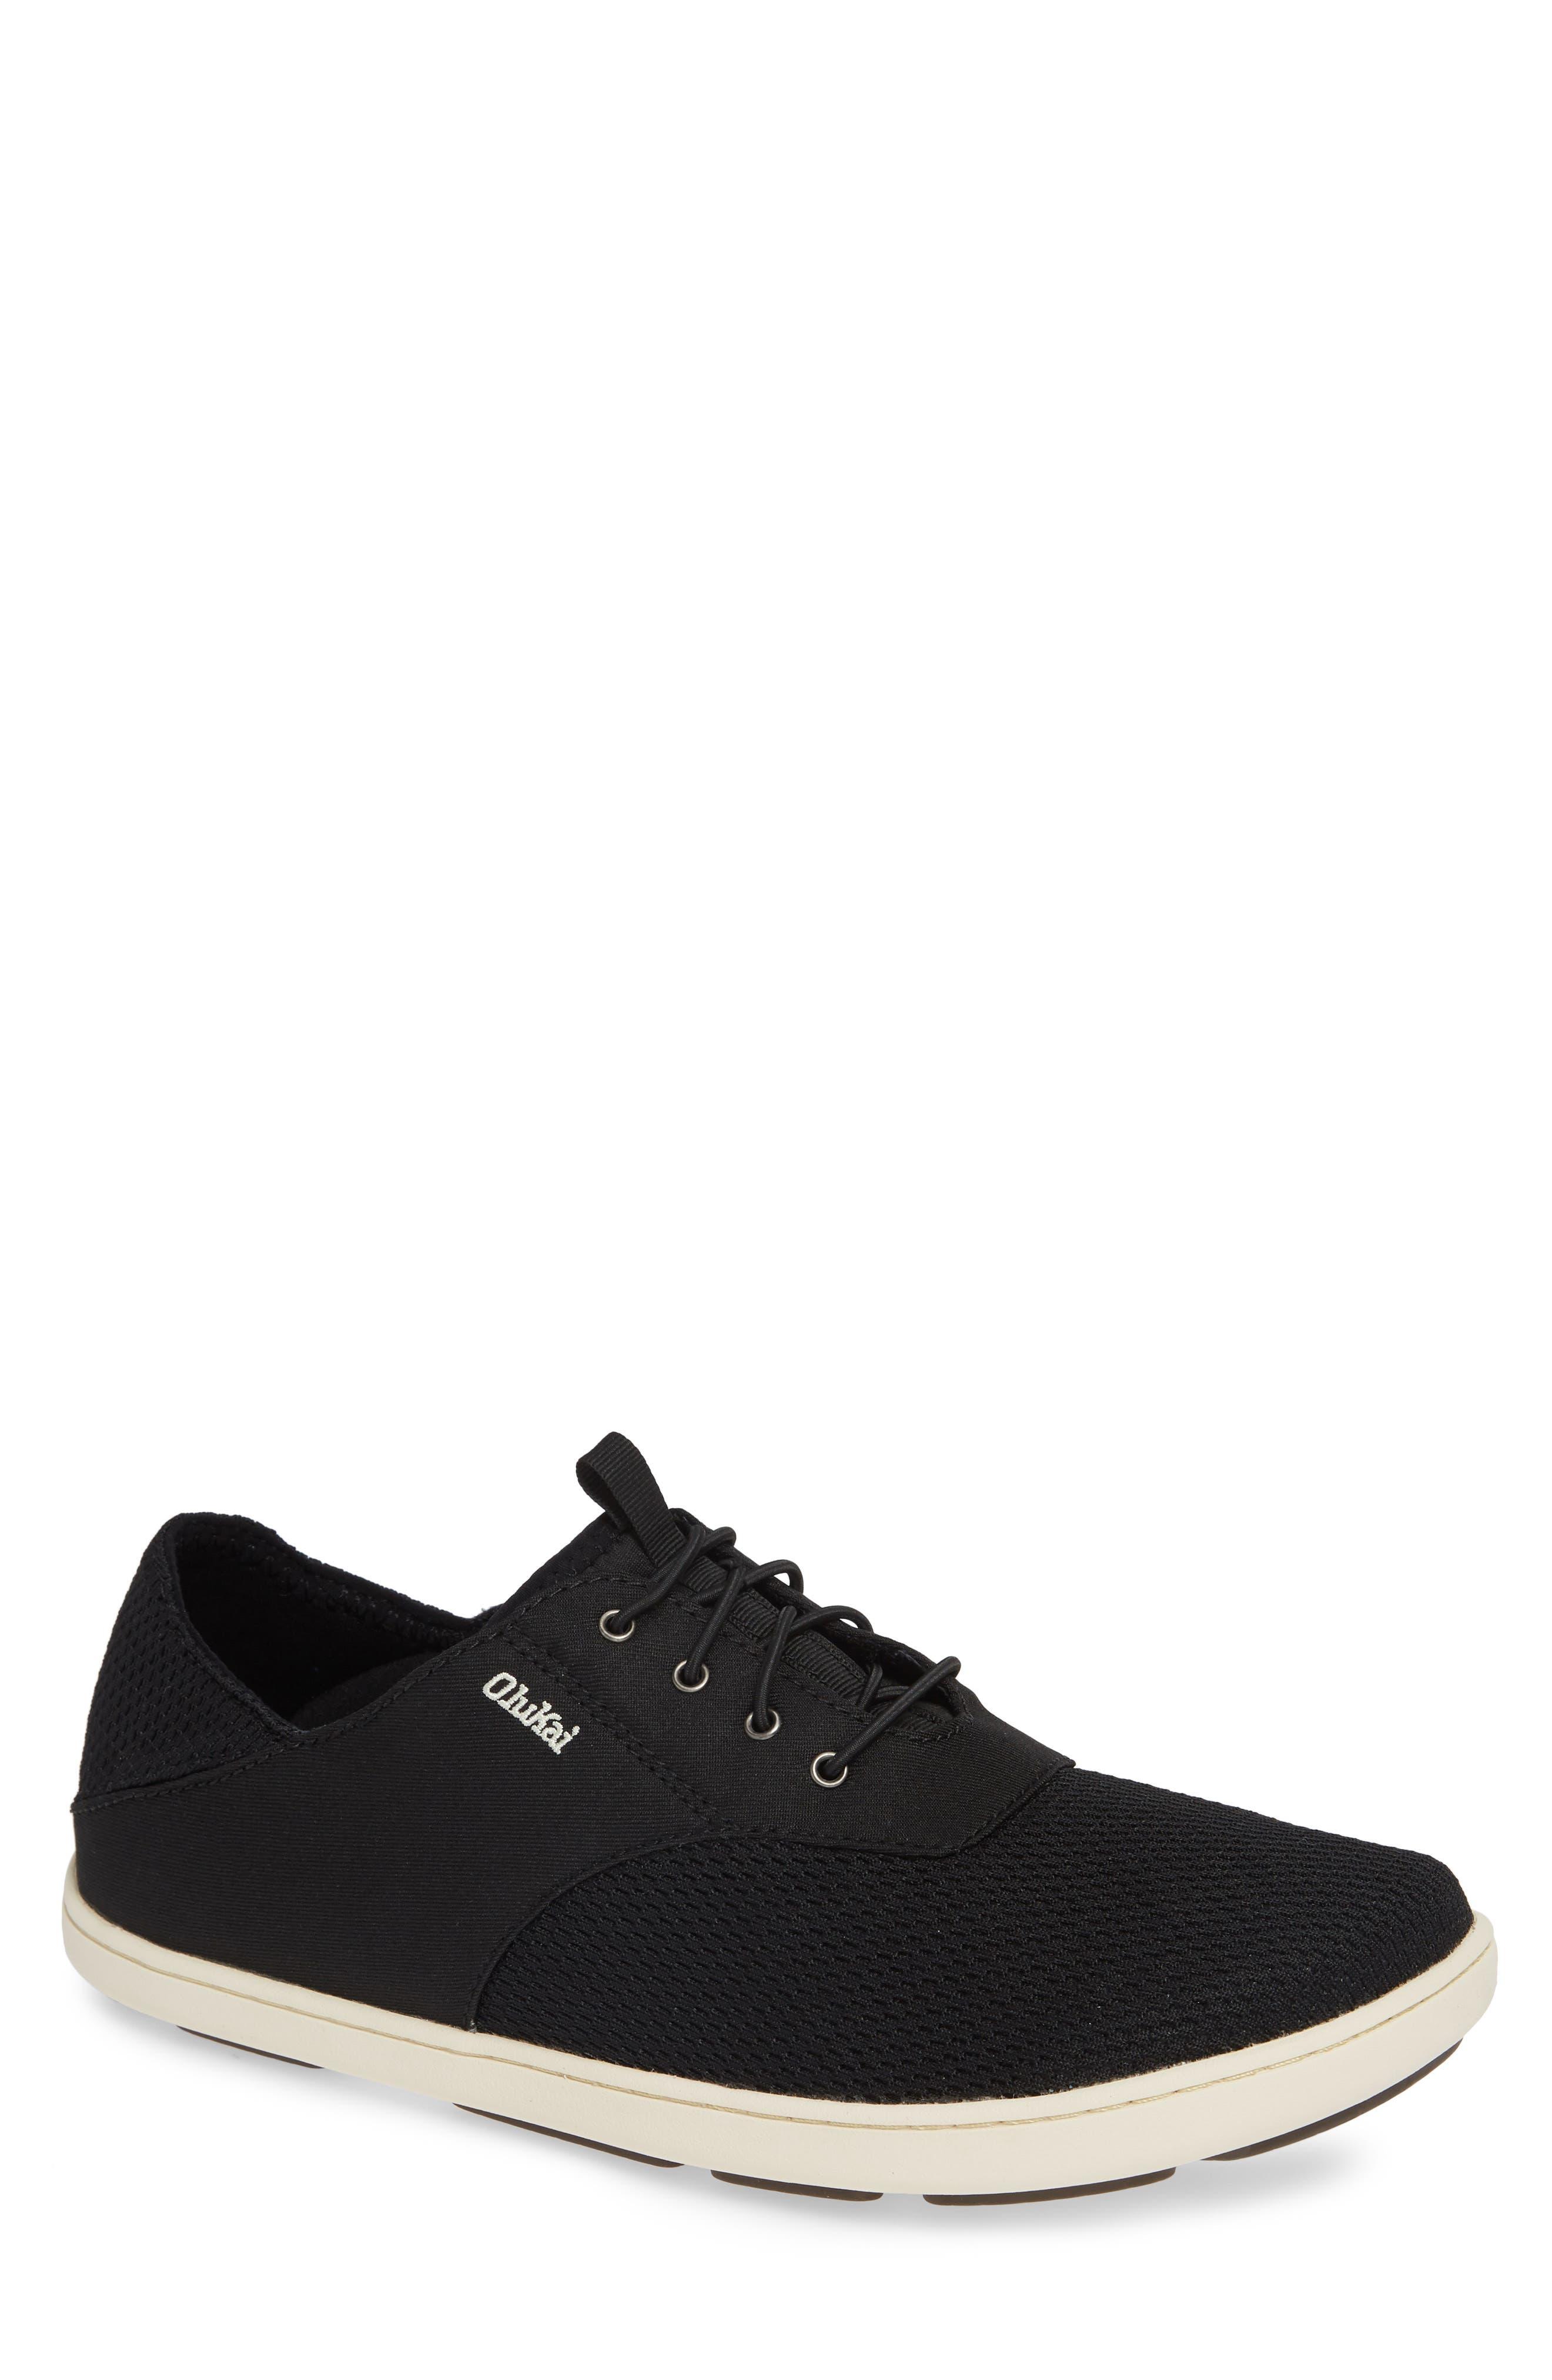 Nohea Moku Sneaker,                             Main thumbnail 1, color,                             ONYX/ ONYX TEXTILE